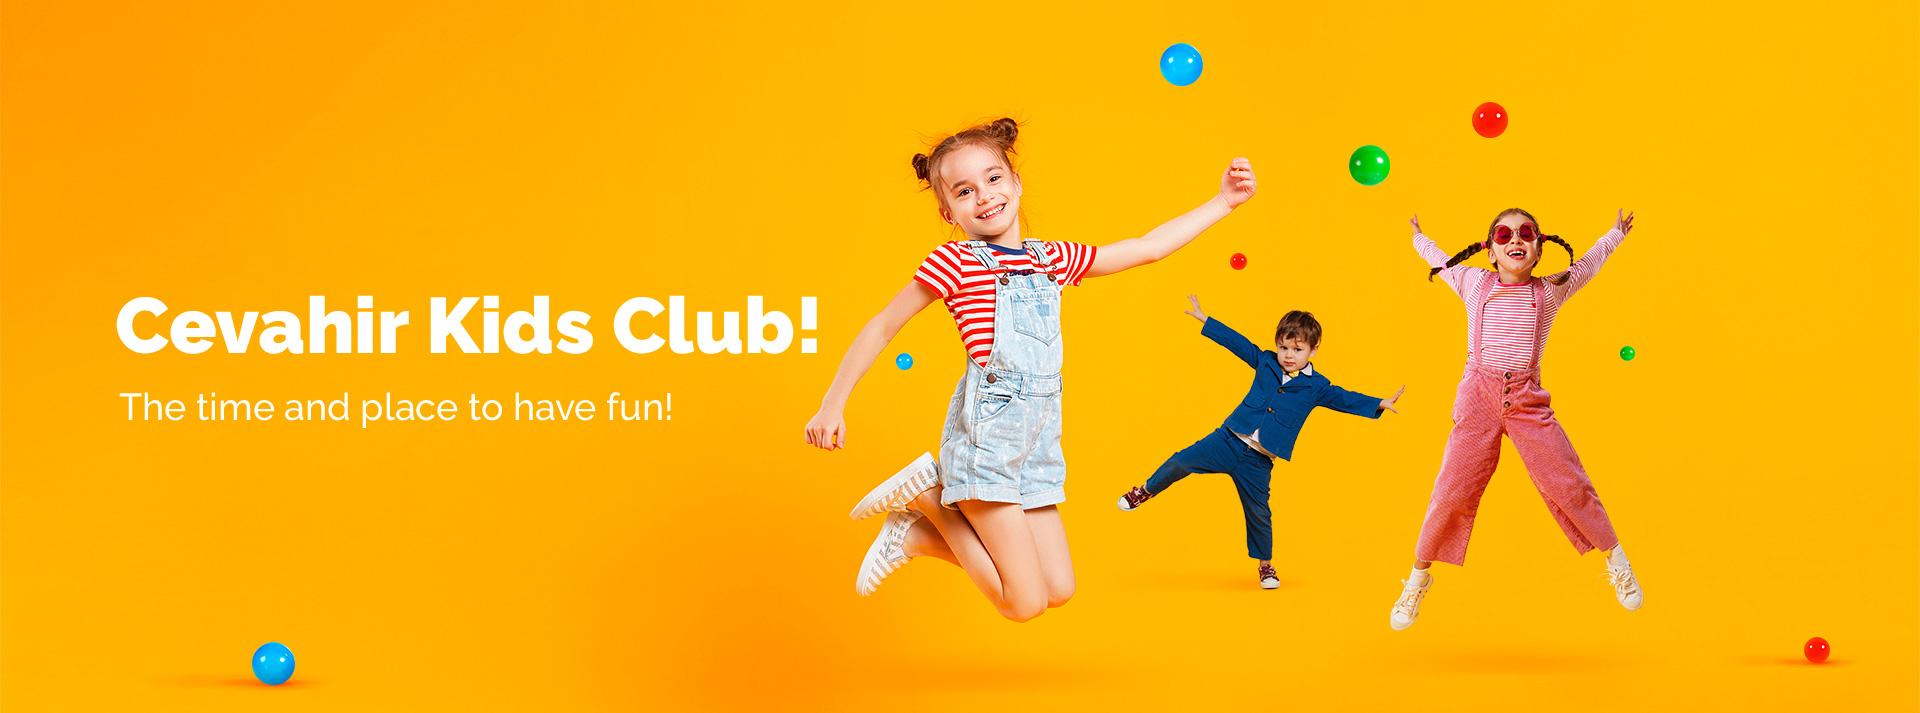 Madem Tüm Çocuklar Evde, Biz De Çocuk Kulübü'nü Instagram'a taşıdık!